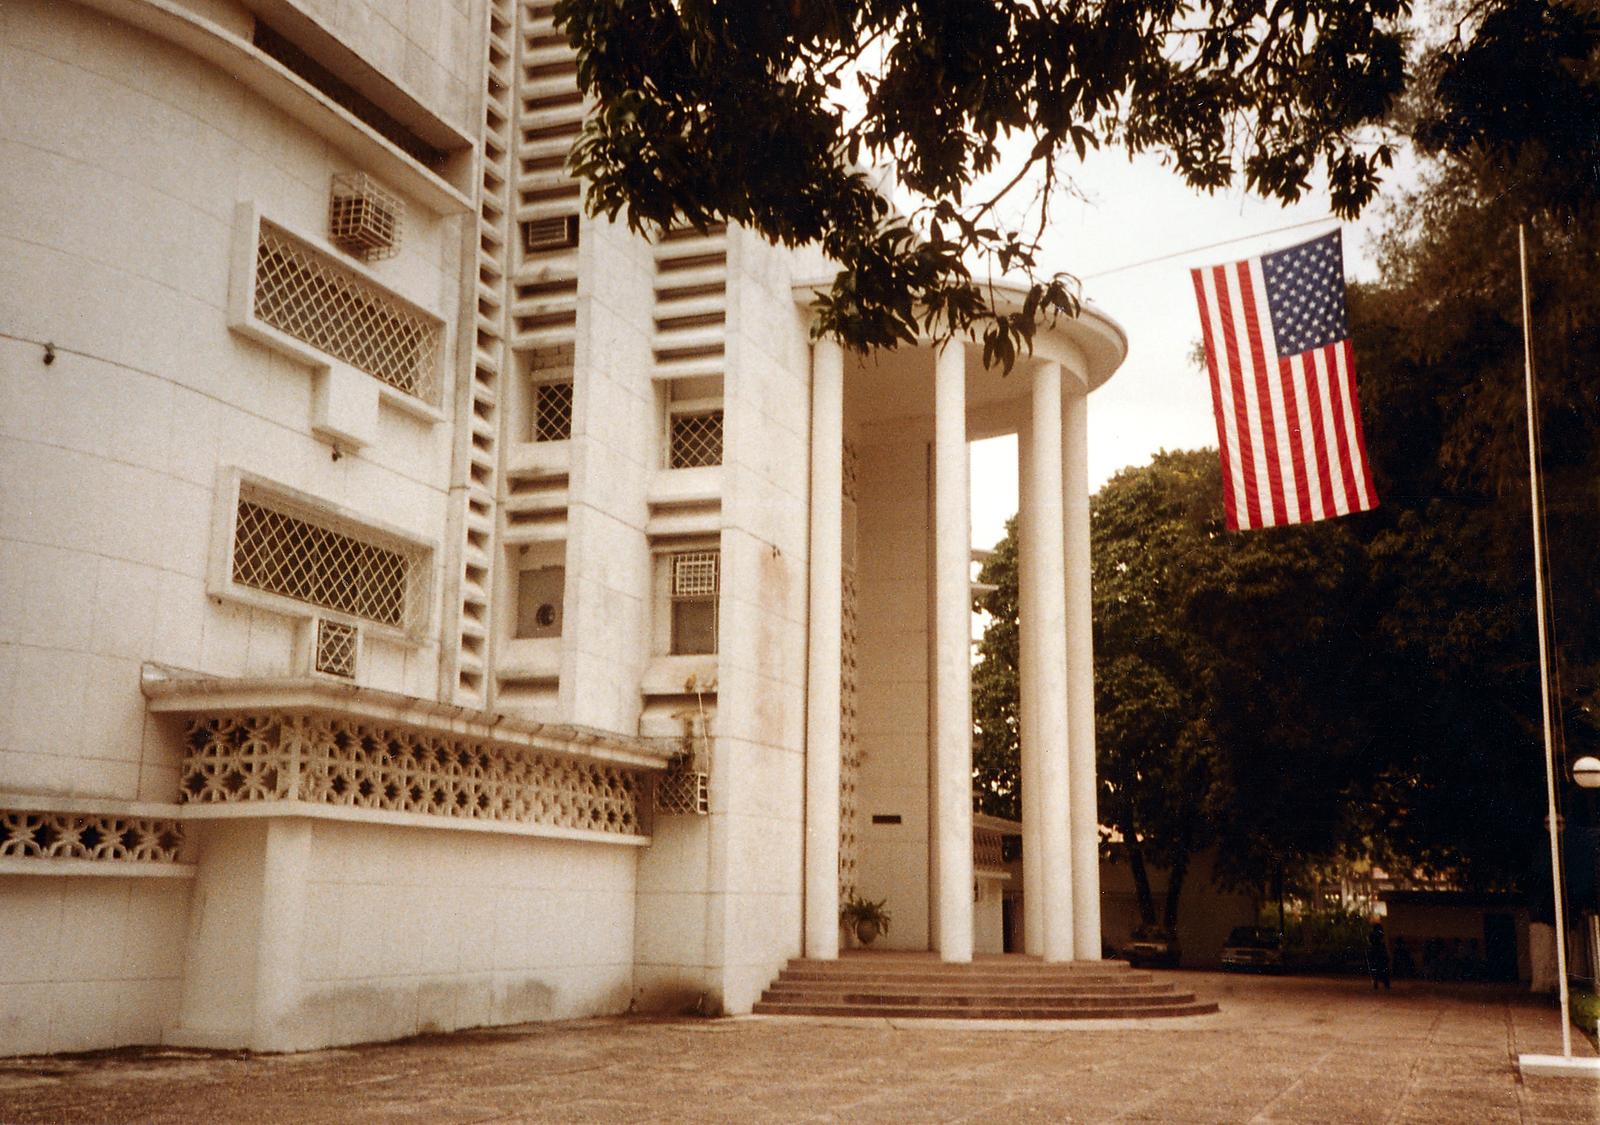 Brazzaville - Consulate Office Building - 1983